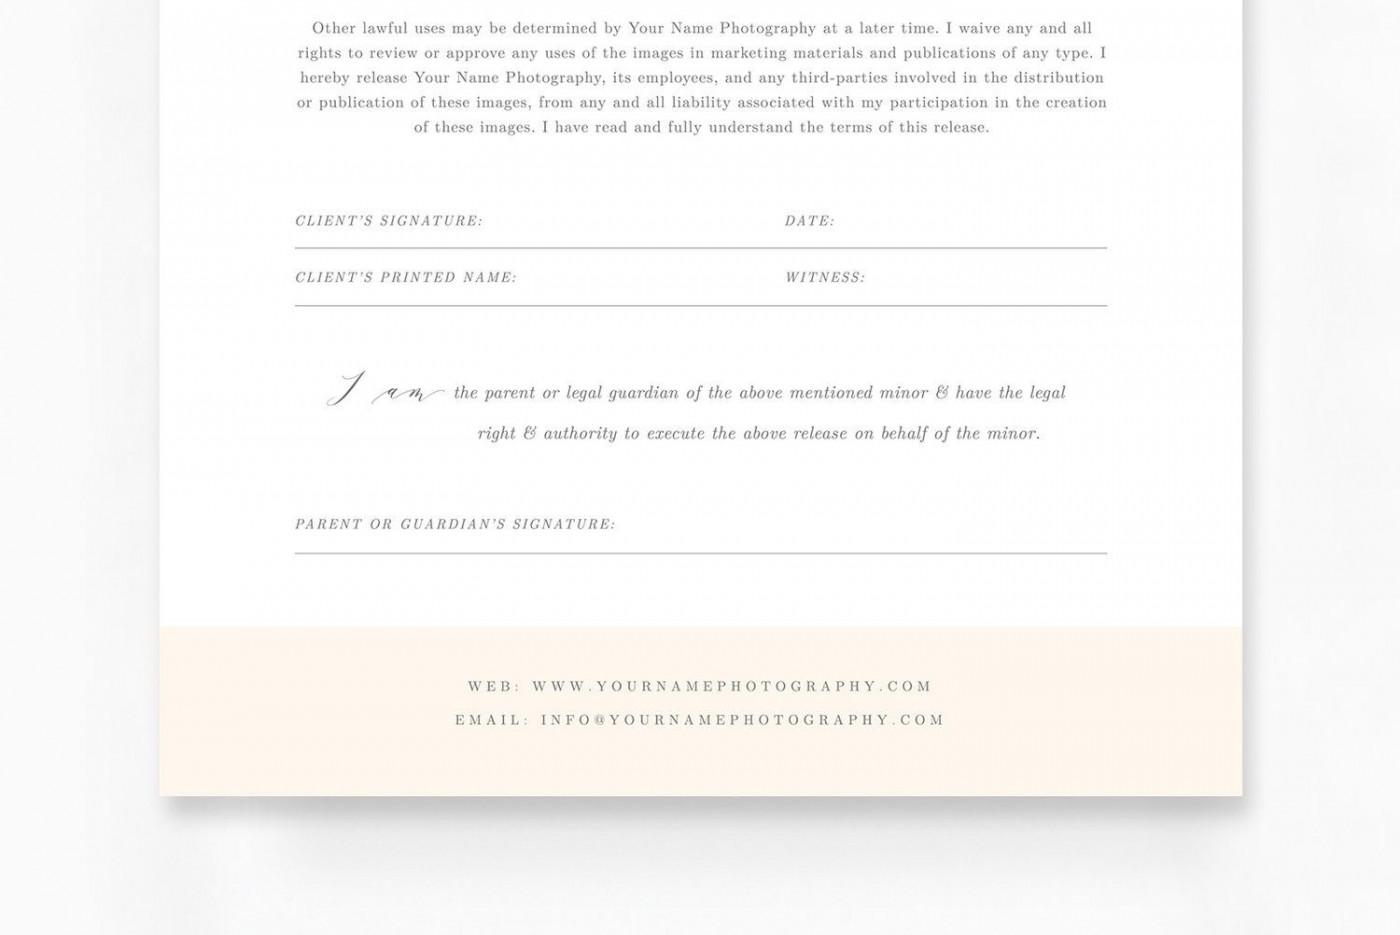 009 Sensational Model Release Form Template Idea  Photographer Gdpr Simple1400